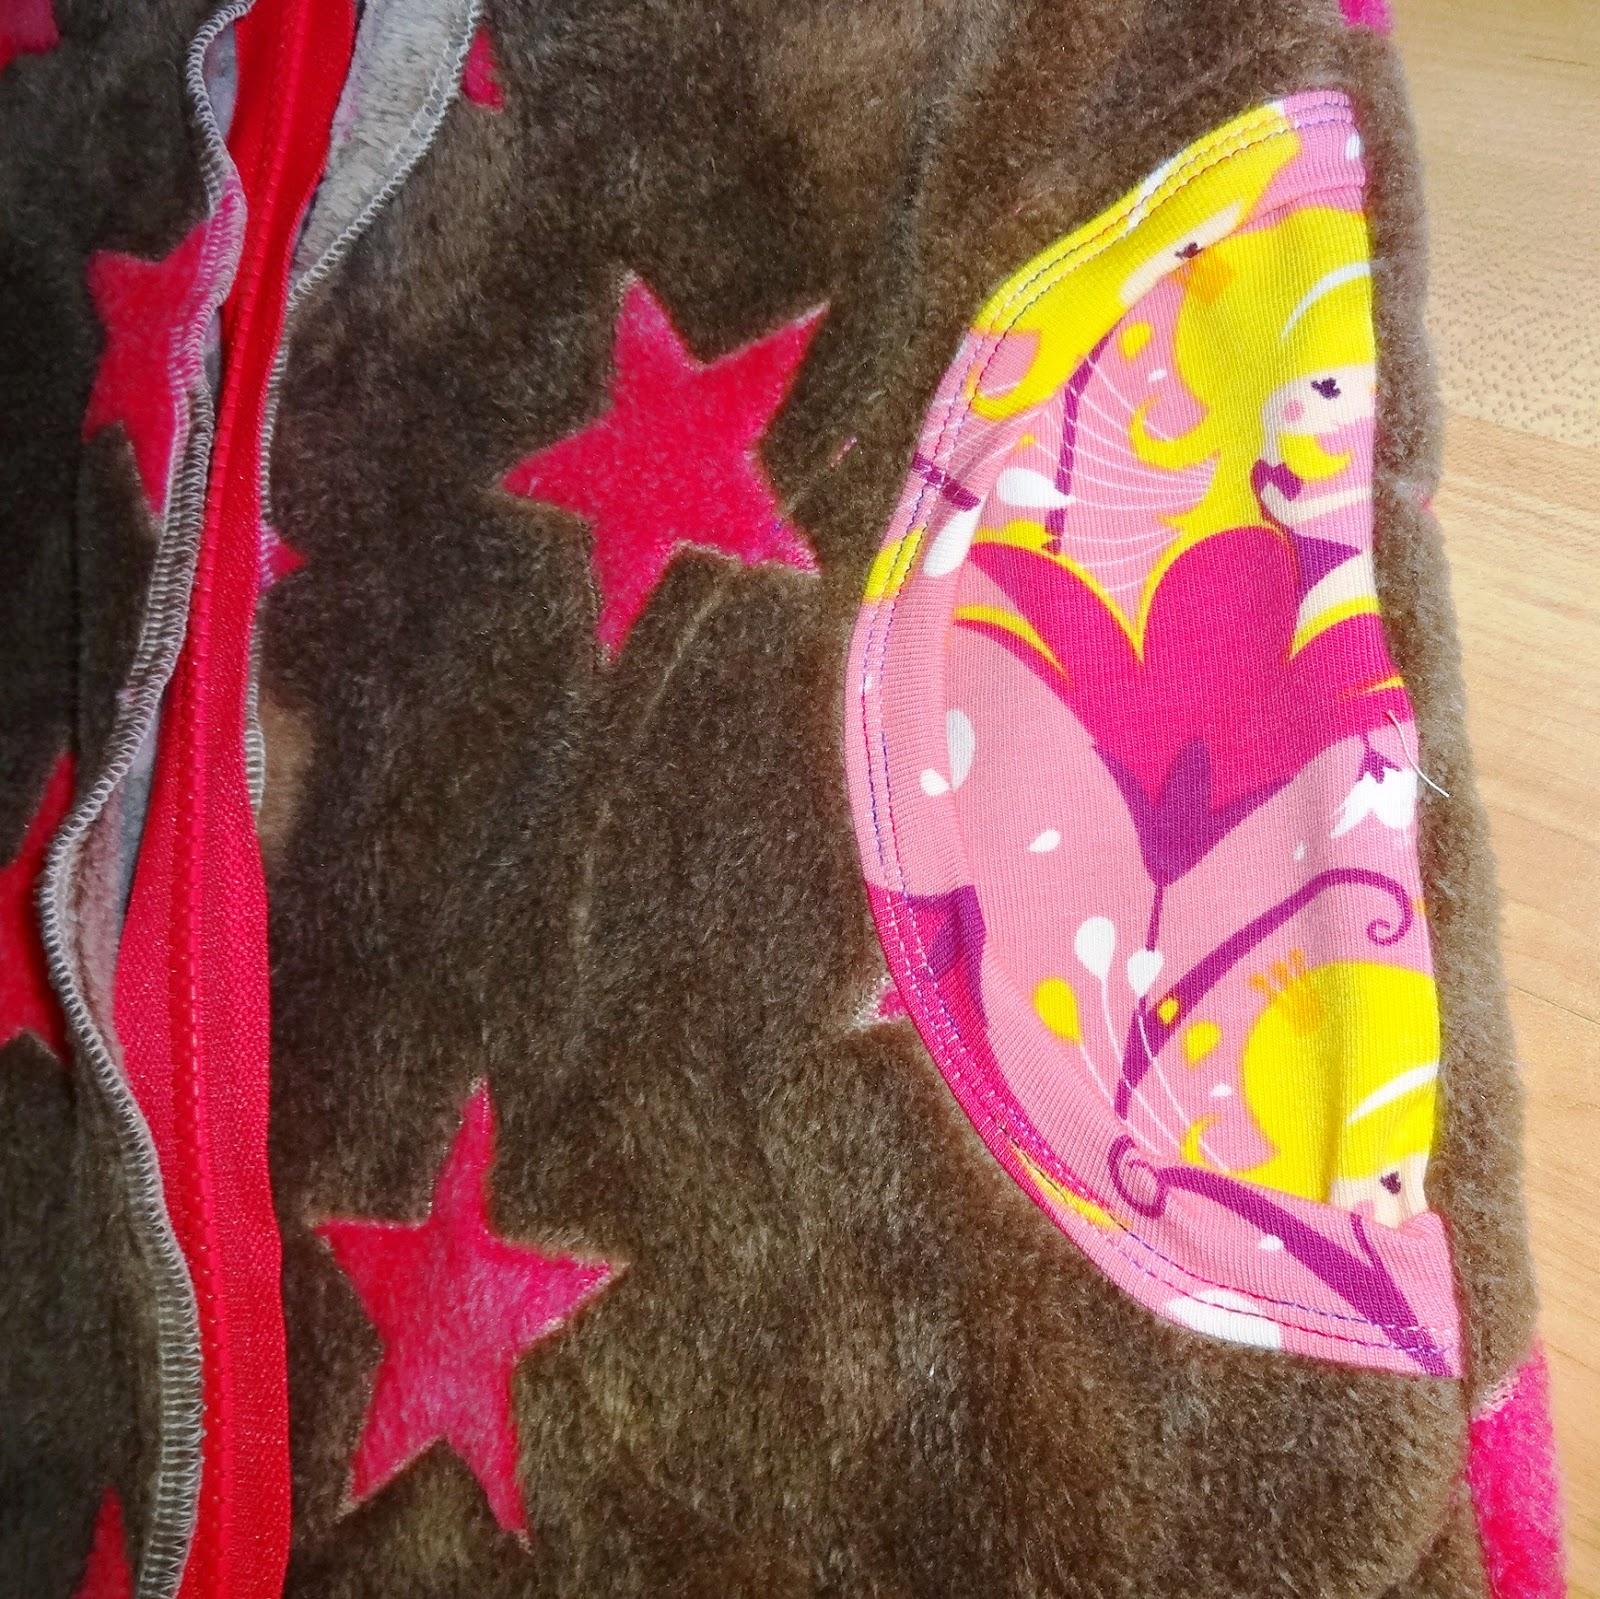 Kuscheljacke für Mädchen - Detail